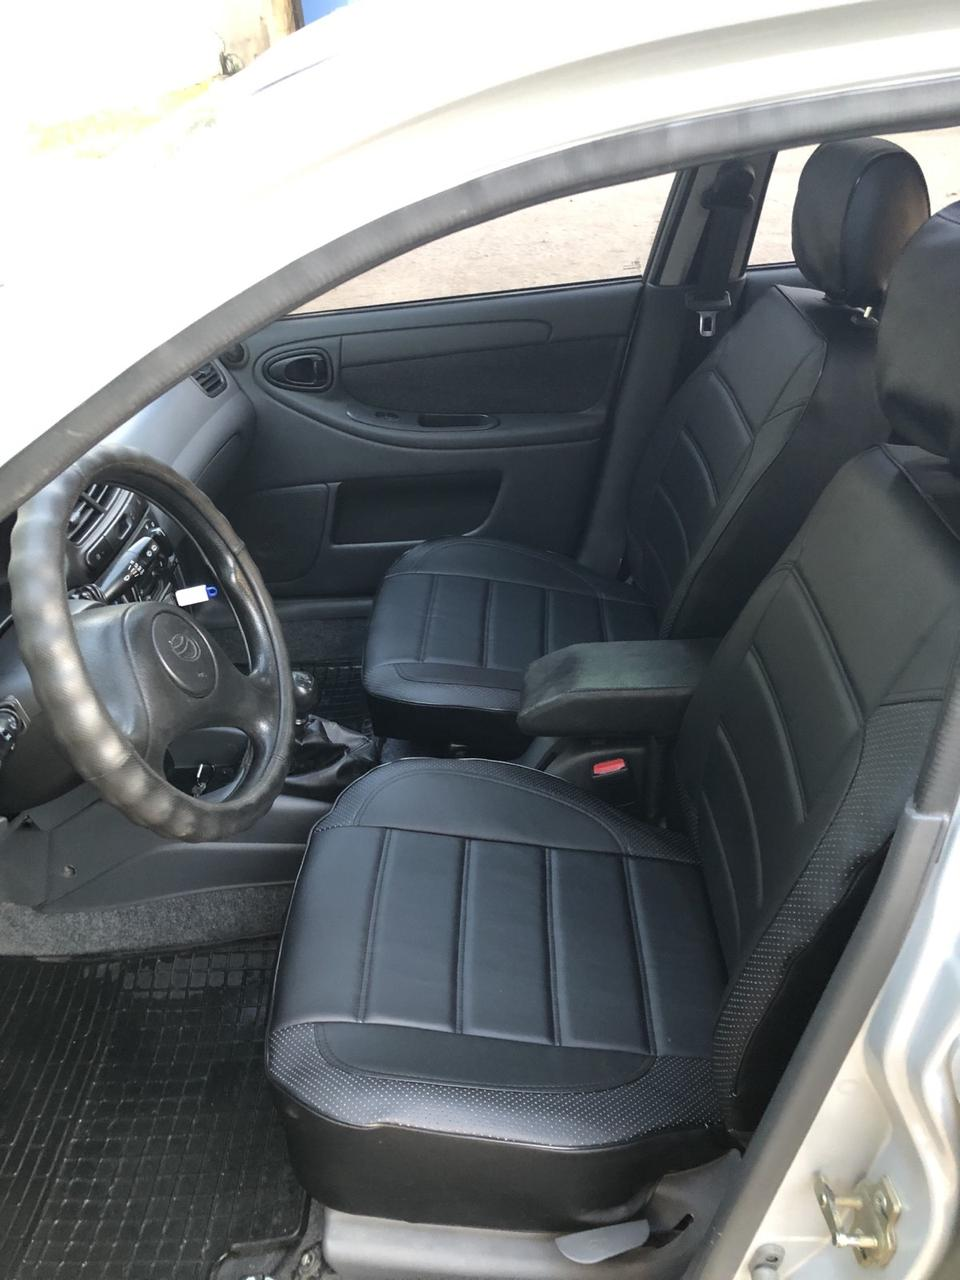 Чехлы на сиденья Дачия Логан (Dacia Logan) модельные MAX-L из экокожи Черный